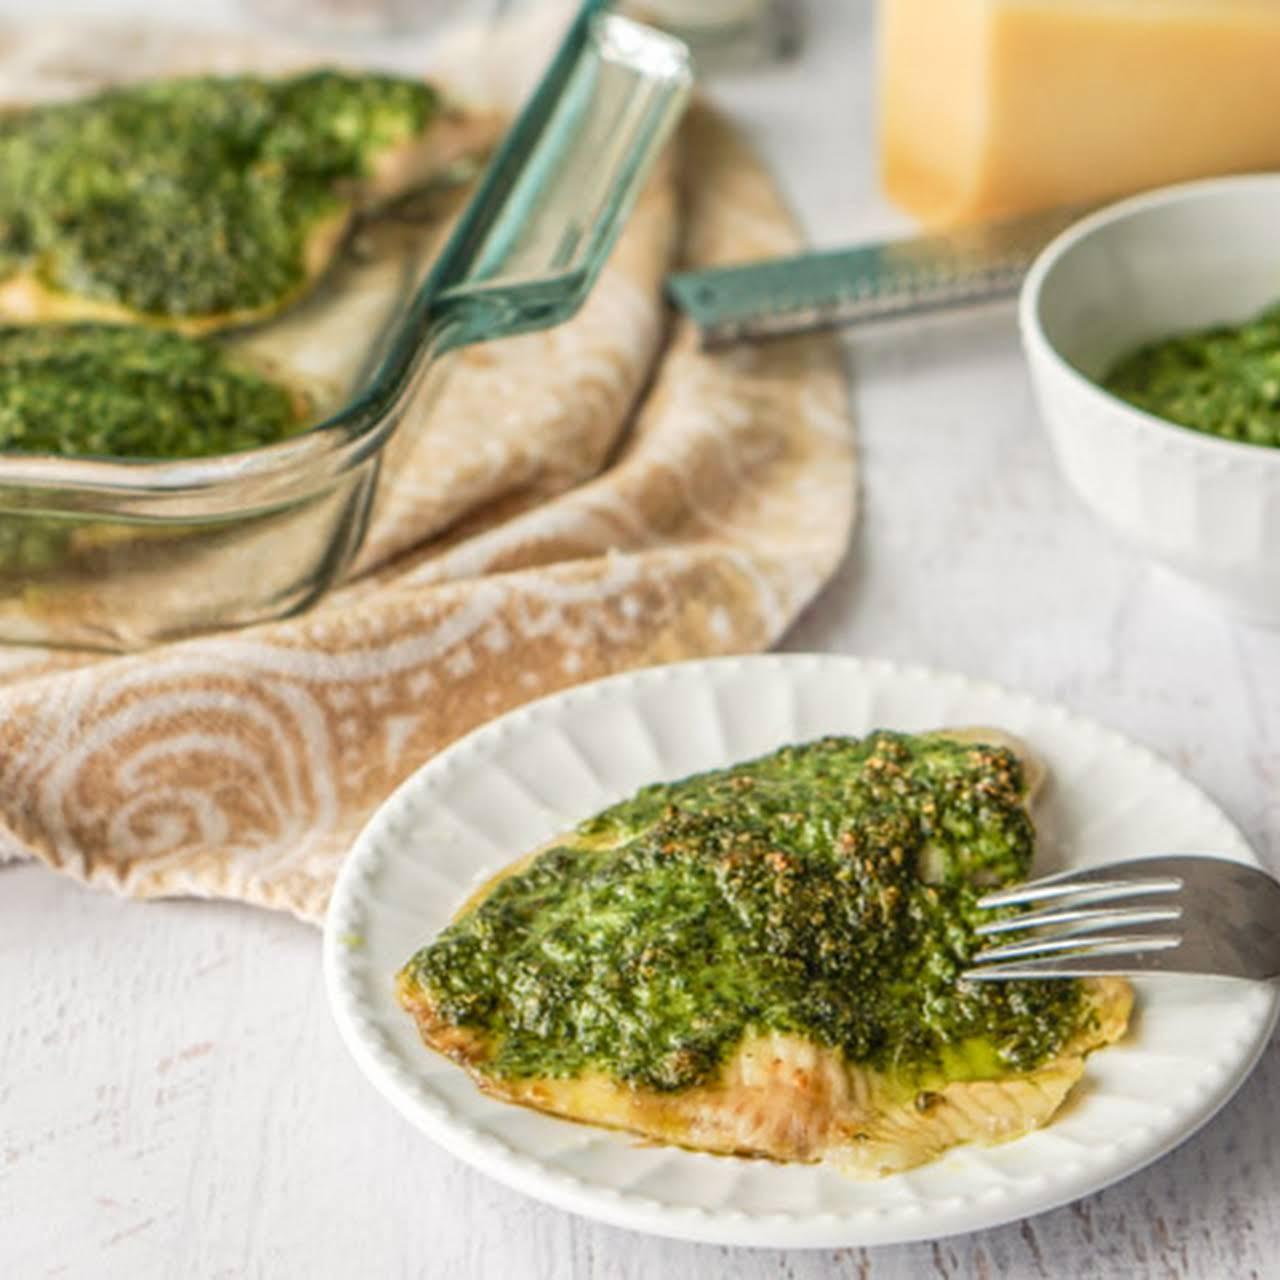 Low Carb Pesto Tilapia Dinner